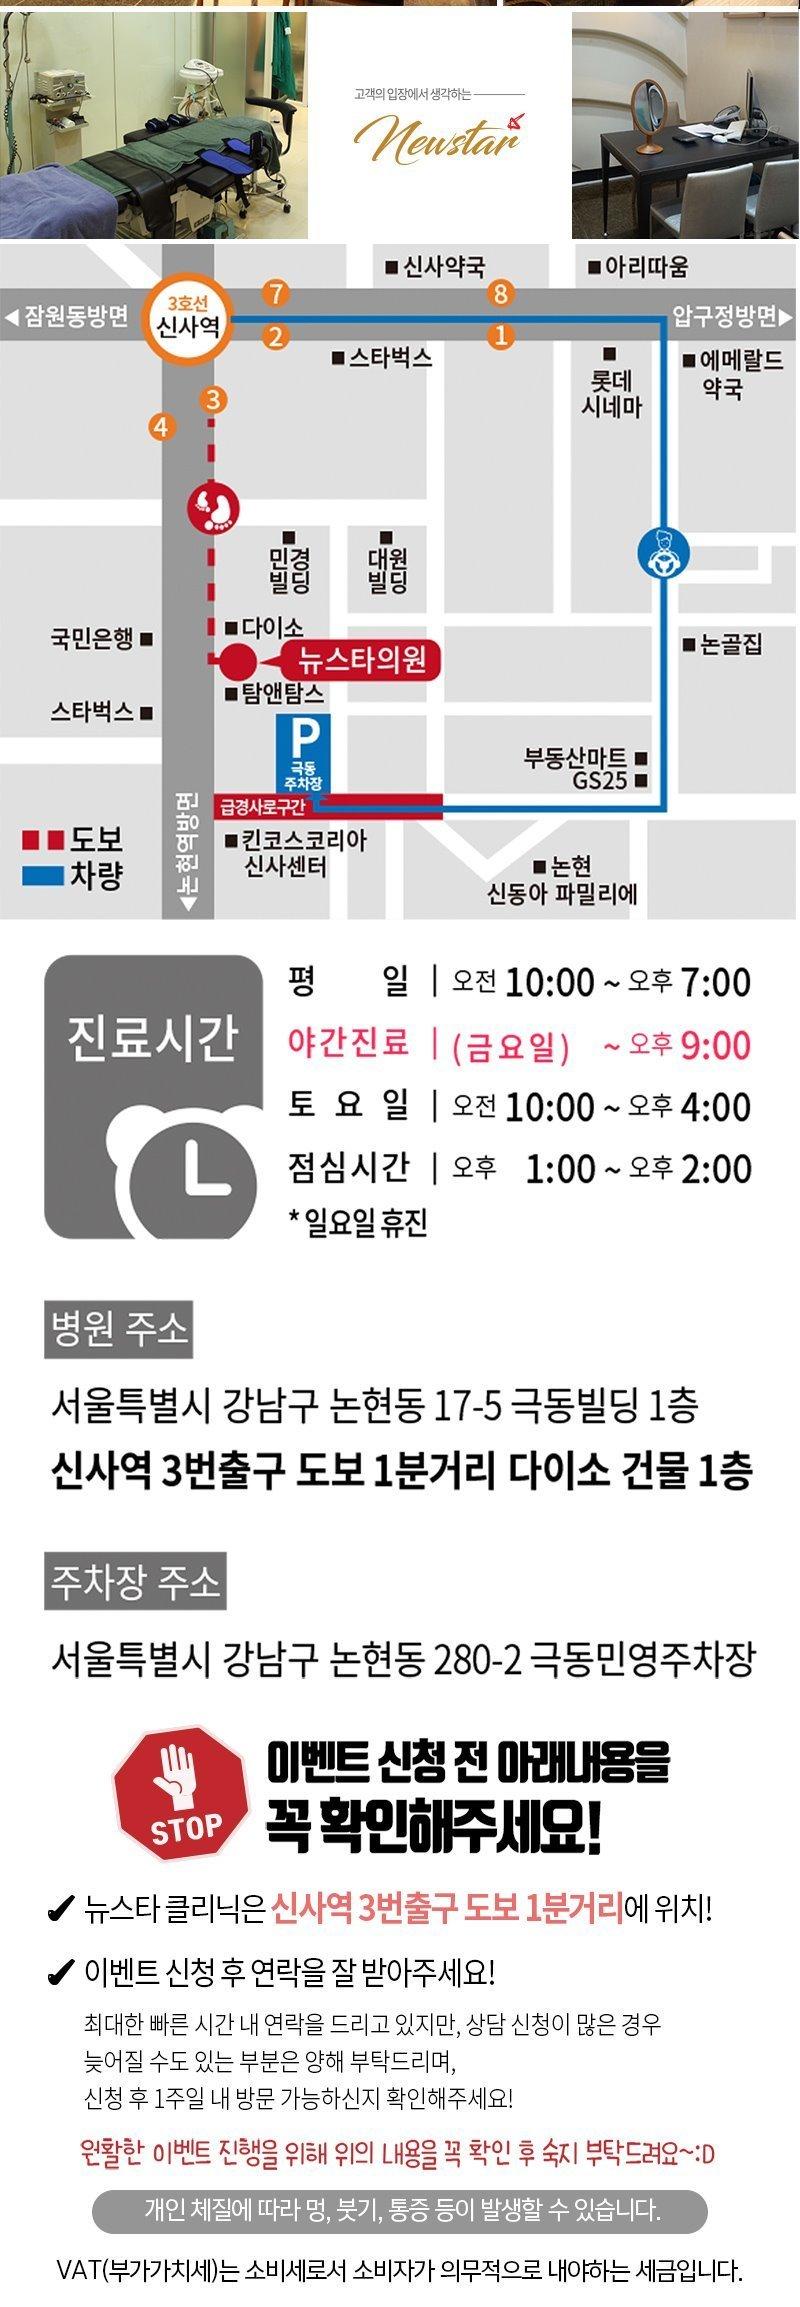 D event info 344532bd57cfc39939